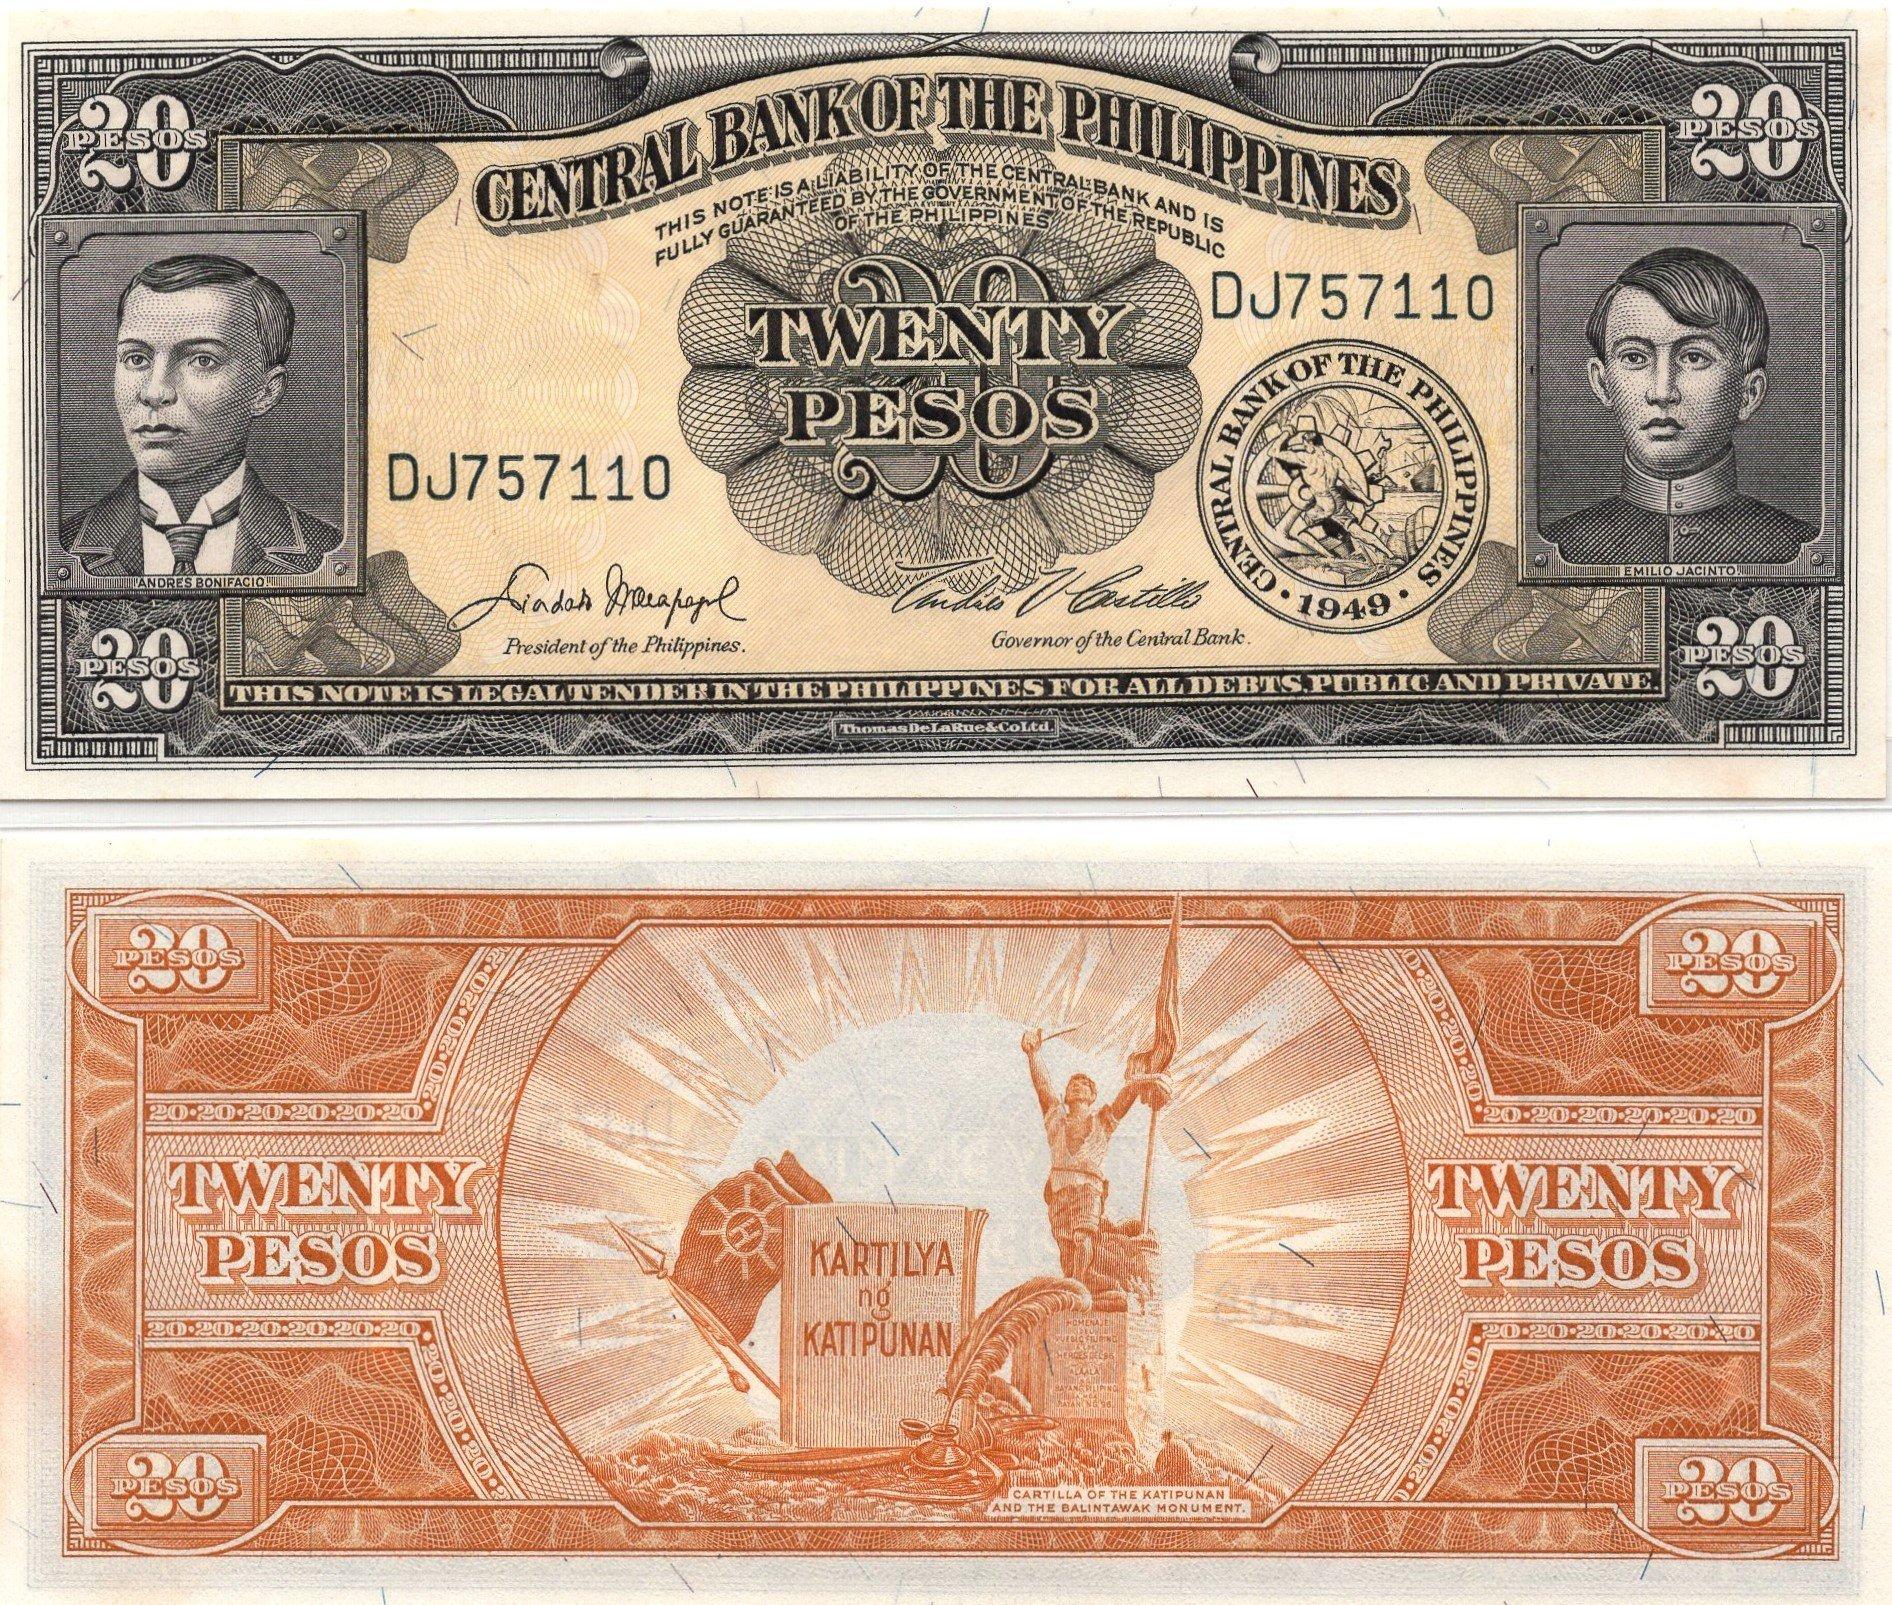 phulipines 20 pesos 1949